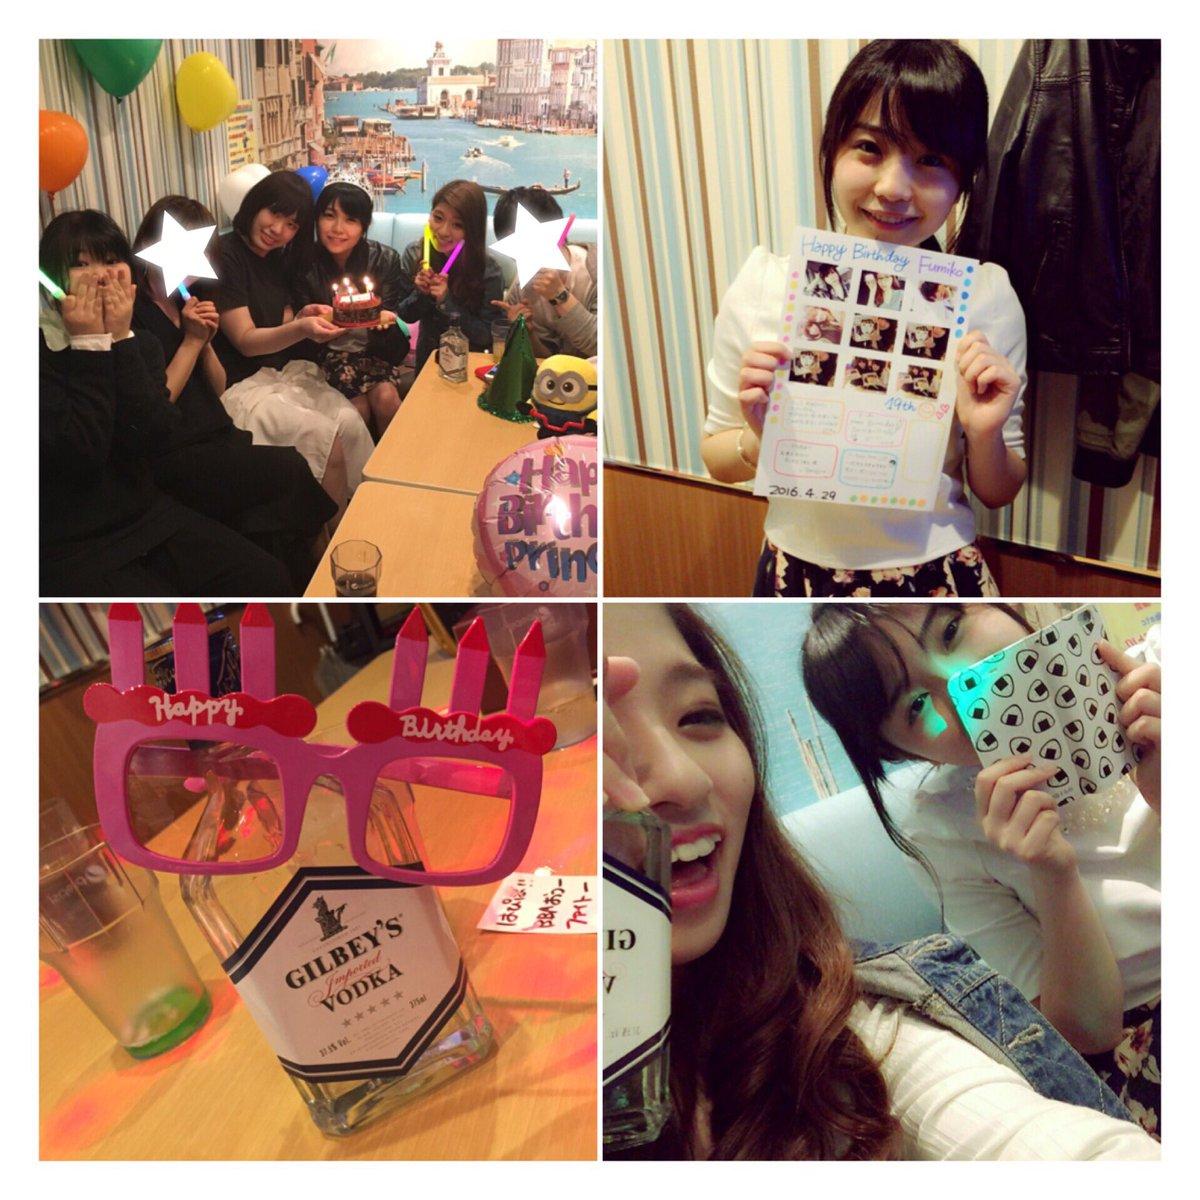 金澤朋子、妹と友人を引き連れ、メイド喫茶で豪遊 お誕生日特別サービスも受け大はしゃぎ [無断転載禁止]©2ch.net->画像>14枚